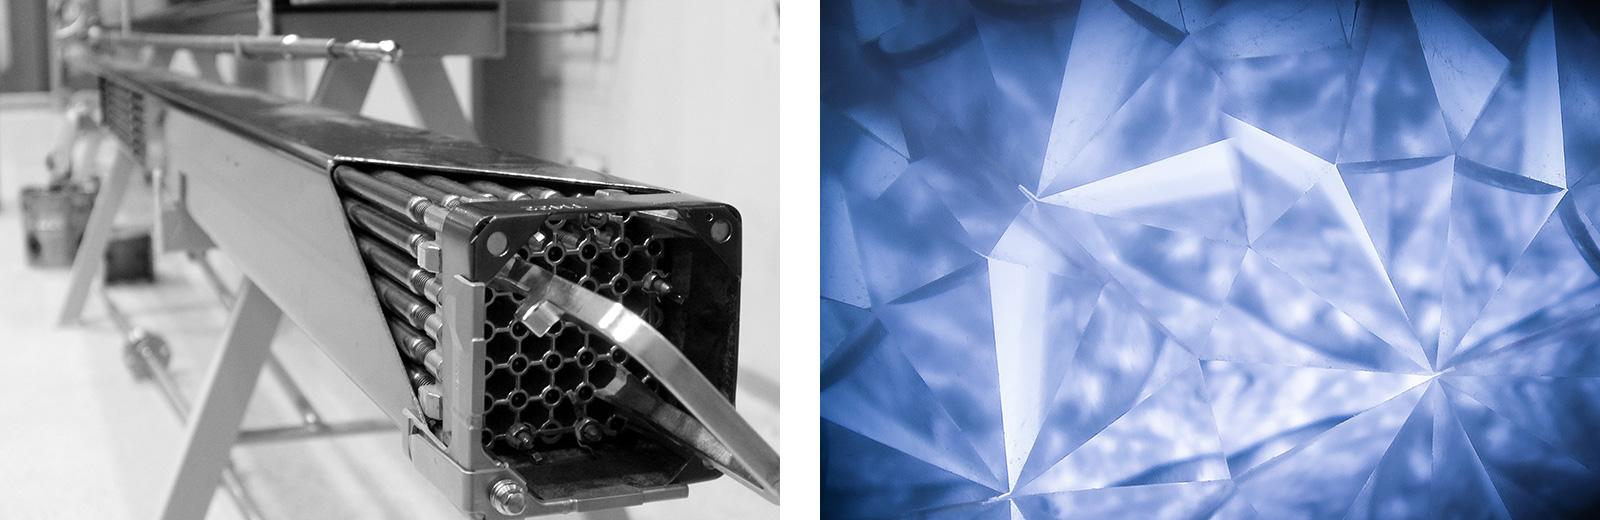 Vom Brennstab in den Diamanten. Links: Brennstäbe aus dem nicht in Beriebgenommenen AKW Zwentendorf.